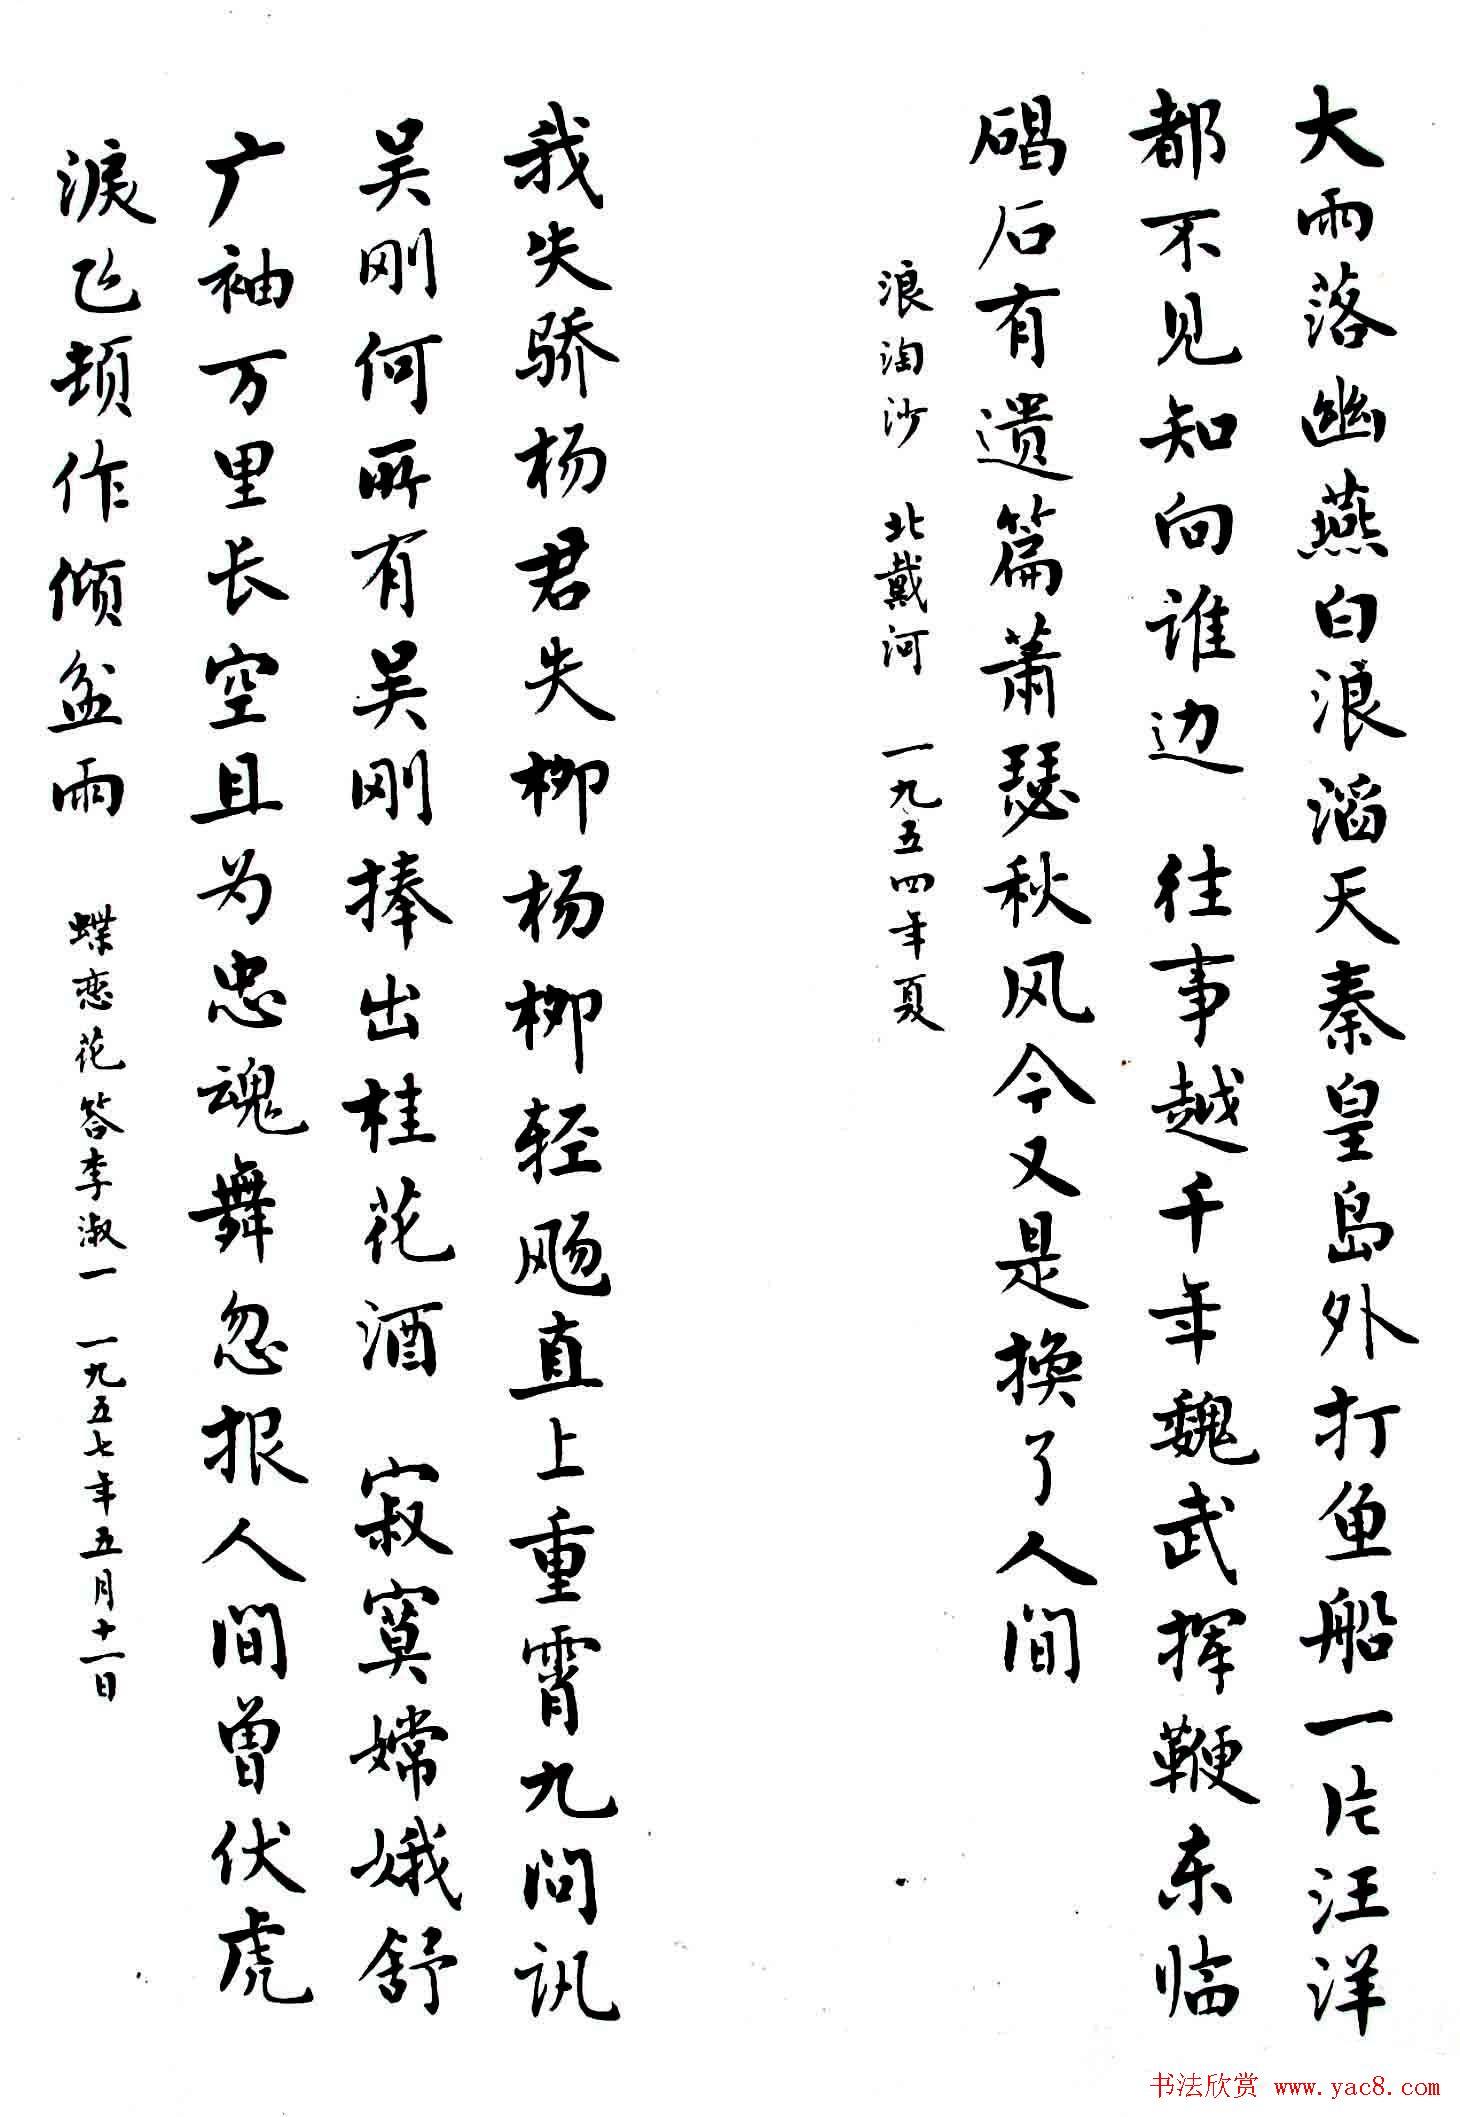 麦华三楷书欣赏《毛主席诗词三十七首》